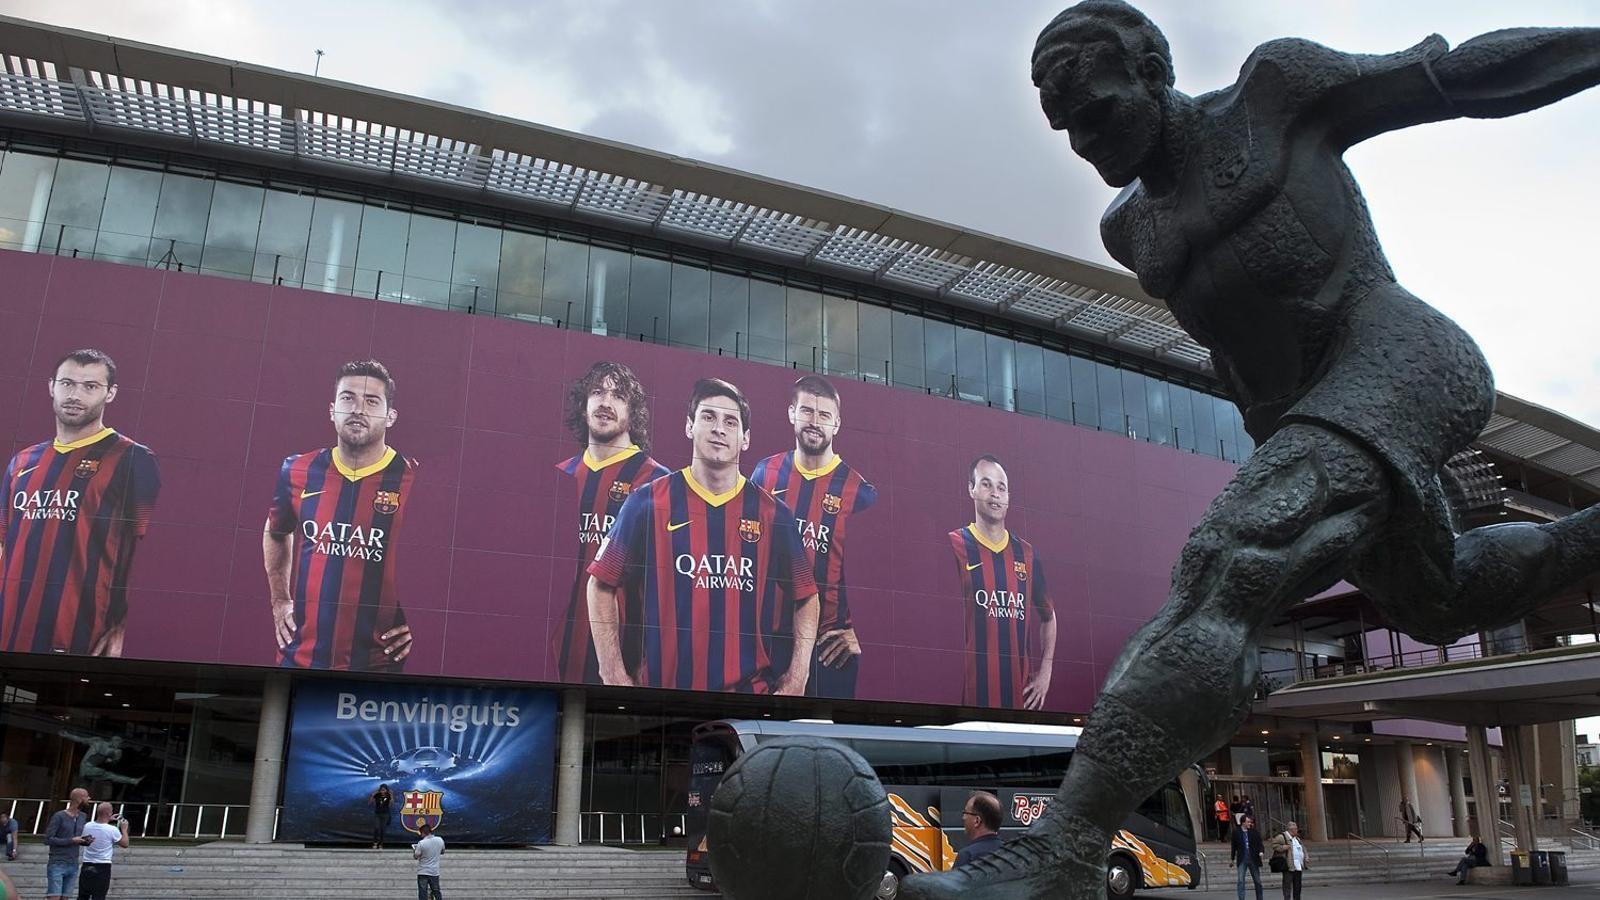 El Barça, més que un club?